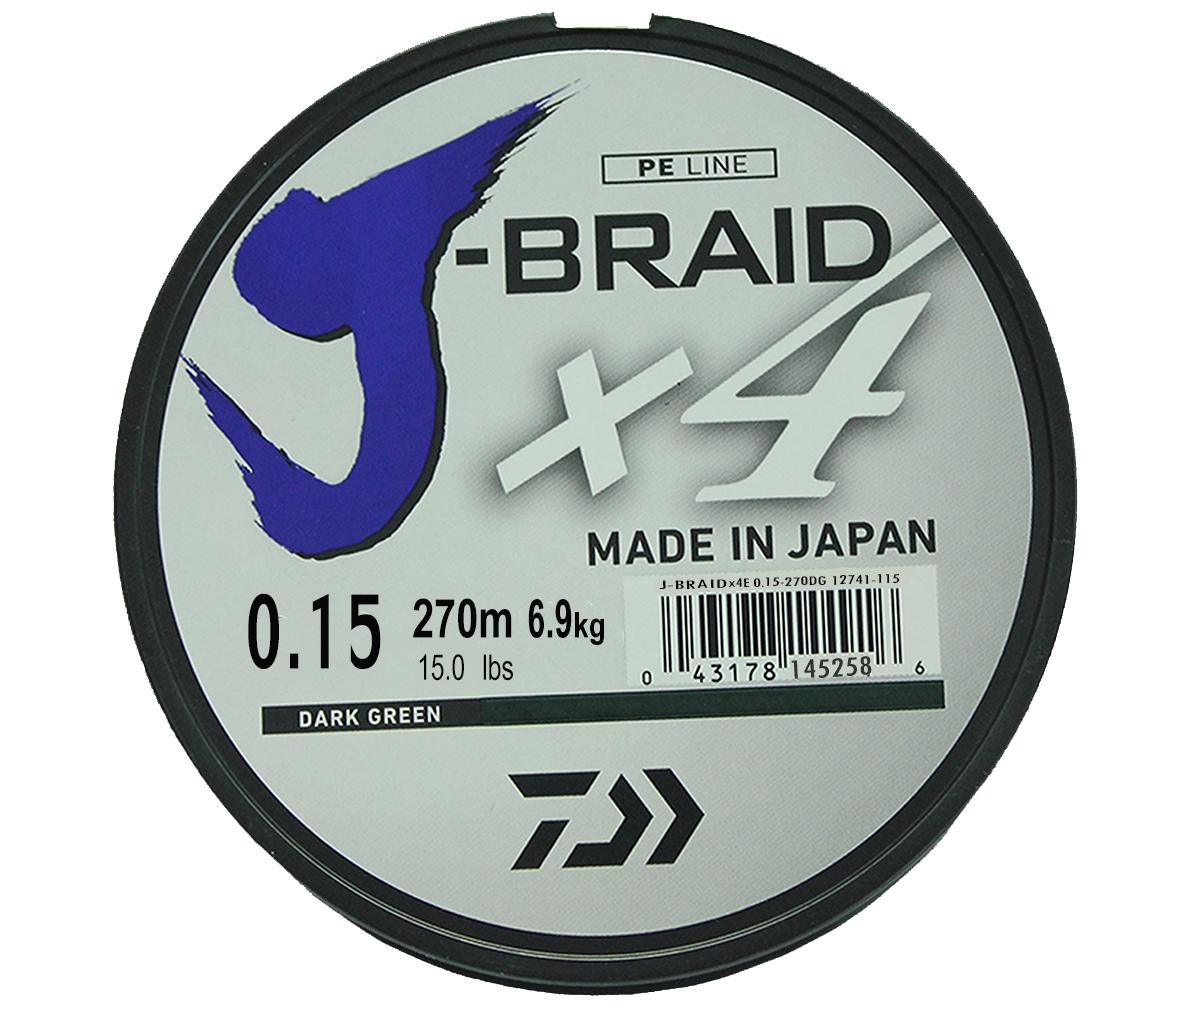 Шнур плетеный Daiwa J-Braid X4, цвет: зеленый, 270 м, 0,15 мм61171Новый 4х жильный шнур J-Braid, DAIWA - шнур высокого класса с удивительным соотношением цены и качества. Качество плетения полностью соответствует японским стандартам и удовлетворяет всем требованиям. Представленные диаметры позволяют использовать шнур для всех техник ловли, начиная от ultra- light ловли окуня, до морской ловли палтуса, трески и т.д